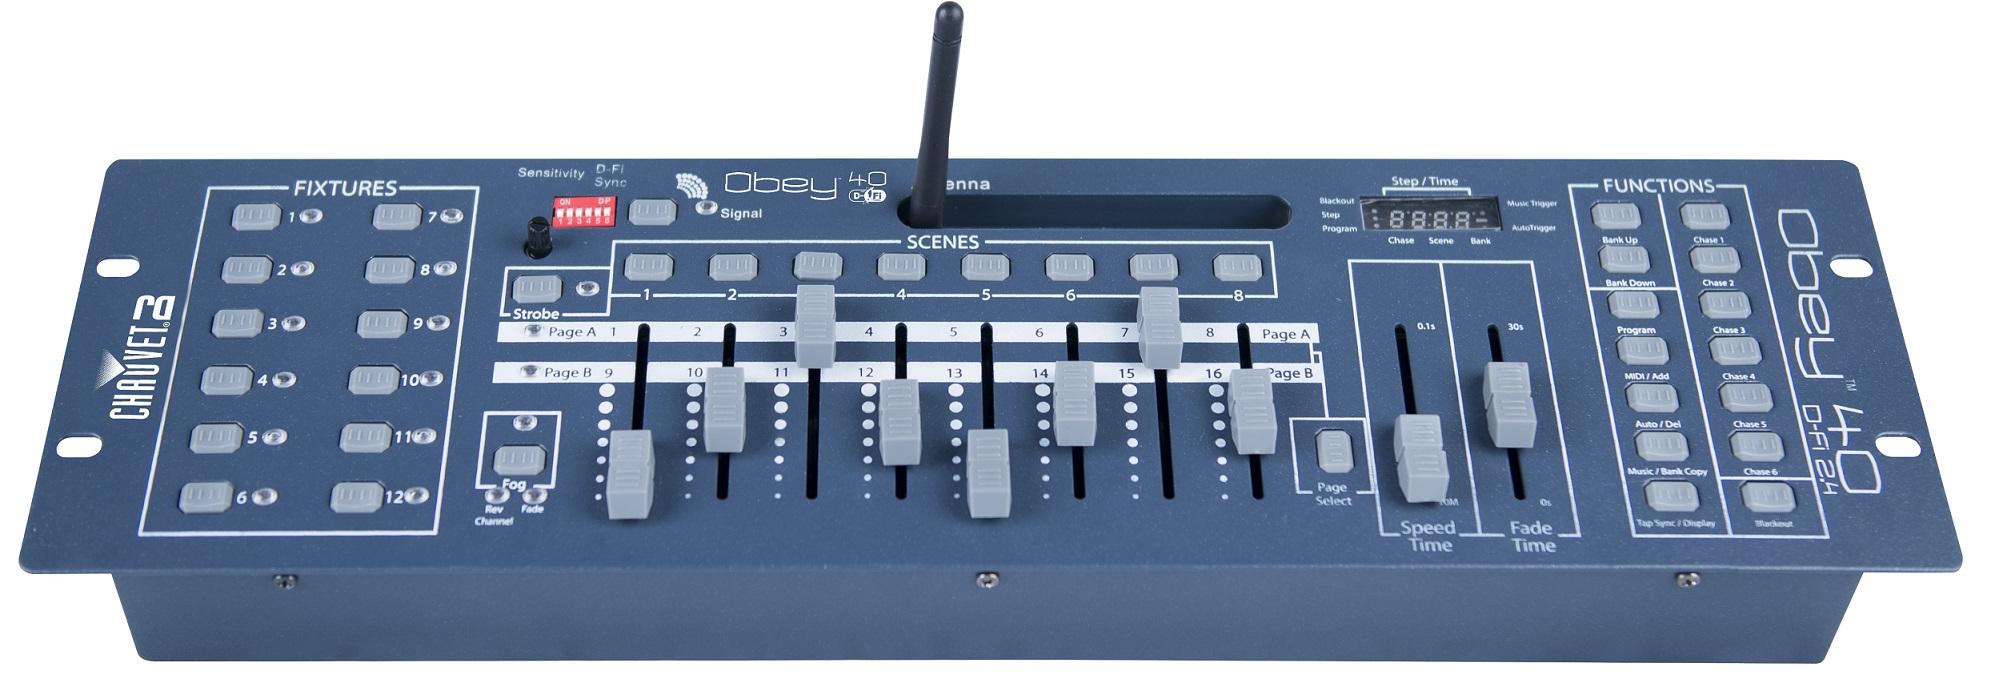 chauvet-dj-obey-40-d-fi-2-4.jpg